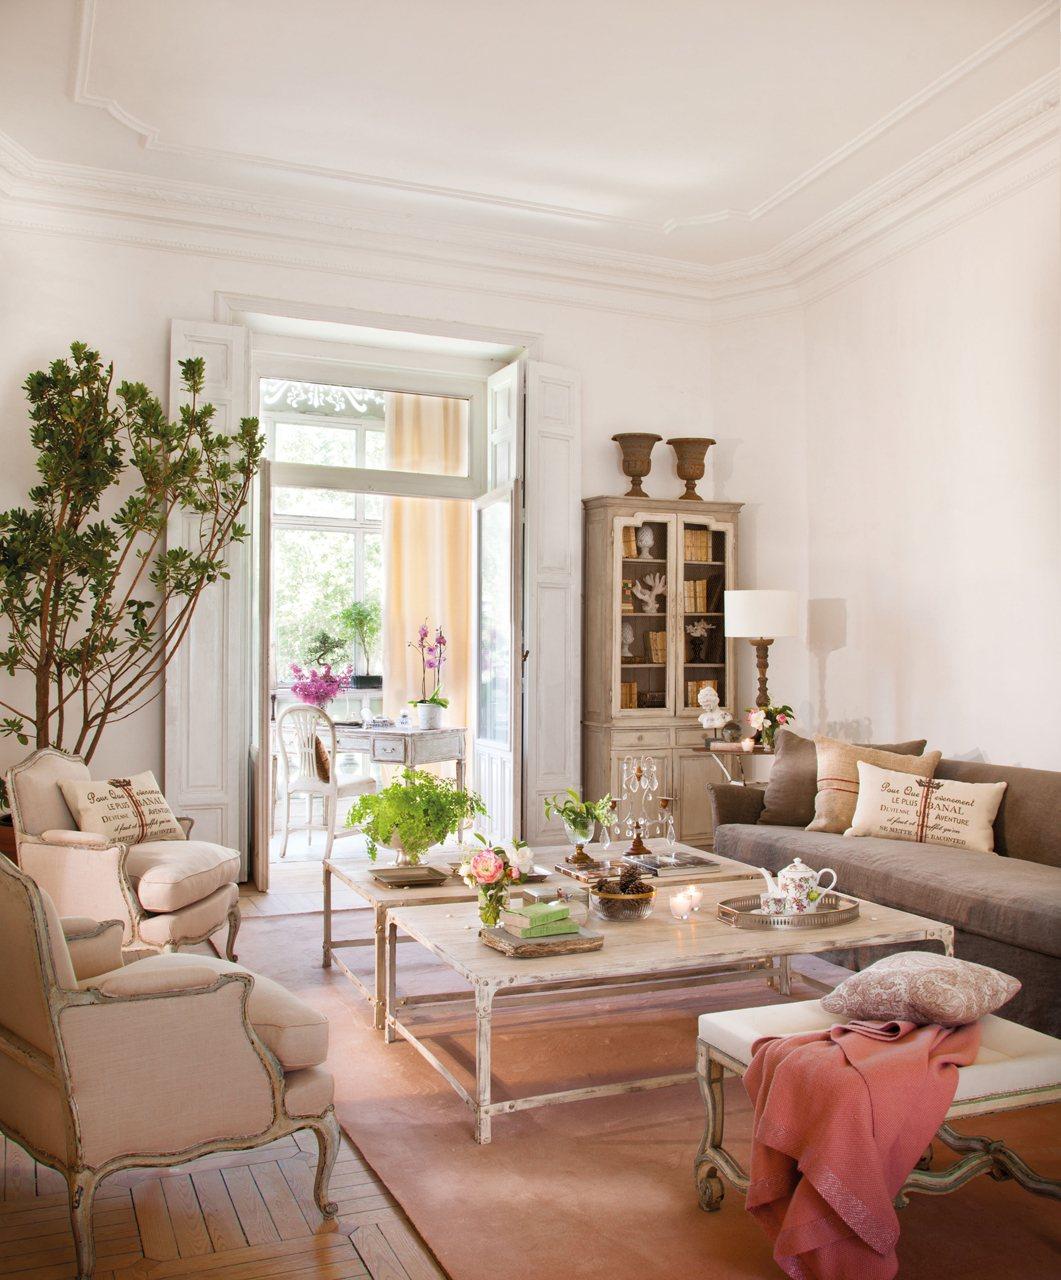 Un sal n chic en crudo y rosa for Sofa estilo romantico